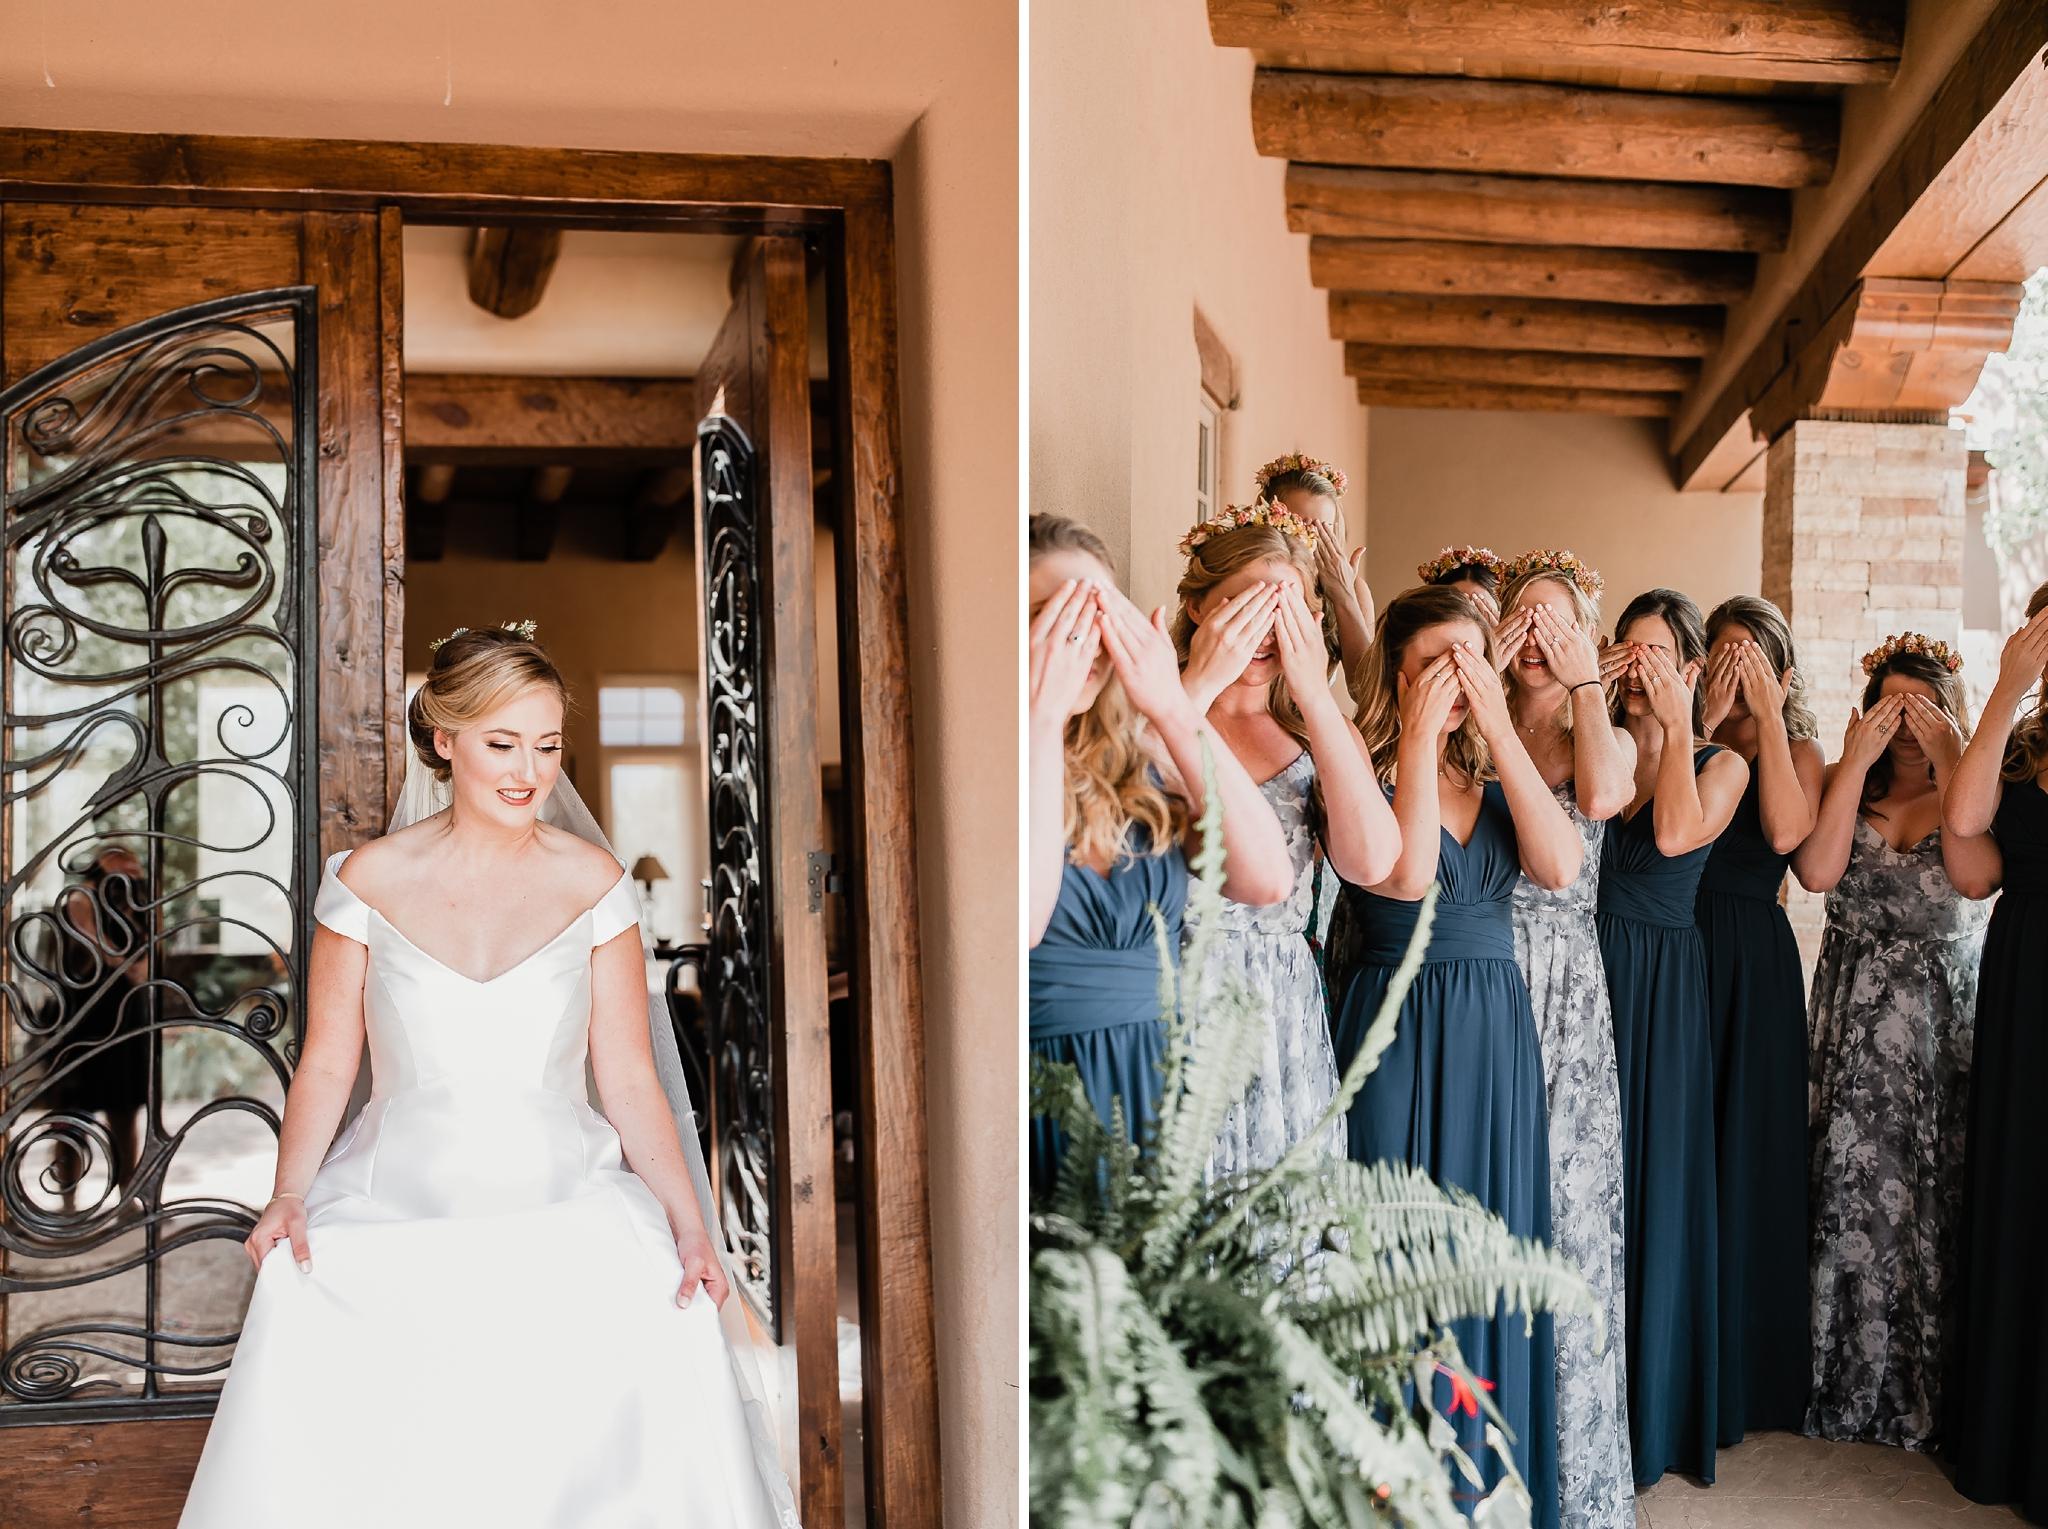 Alicia+lucia+photography+-+albuquerque+wedding+photographer+-+santa+fe+wedding+photography+-+new+mexico+wedding+photographer+-+new+mexico+wedding+-+las+campanas+wedding+-+santa+fe+wedding+-+maximalist+wedding+-+destination+wedding_0020.jpg